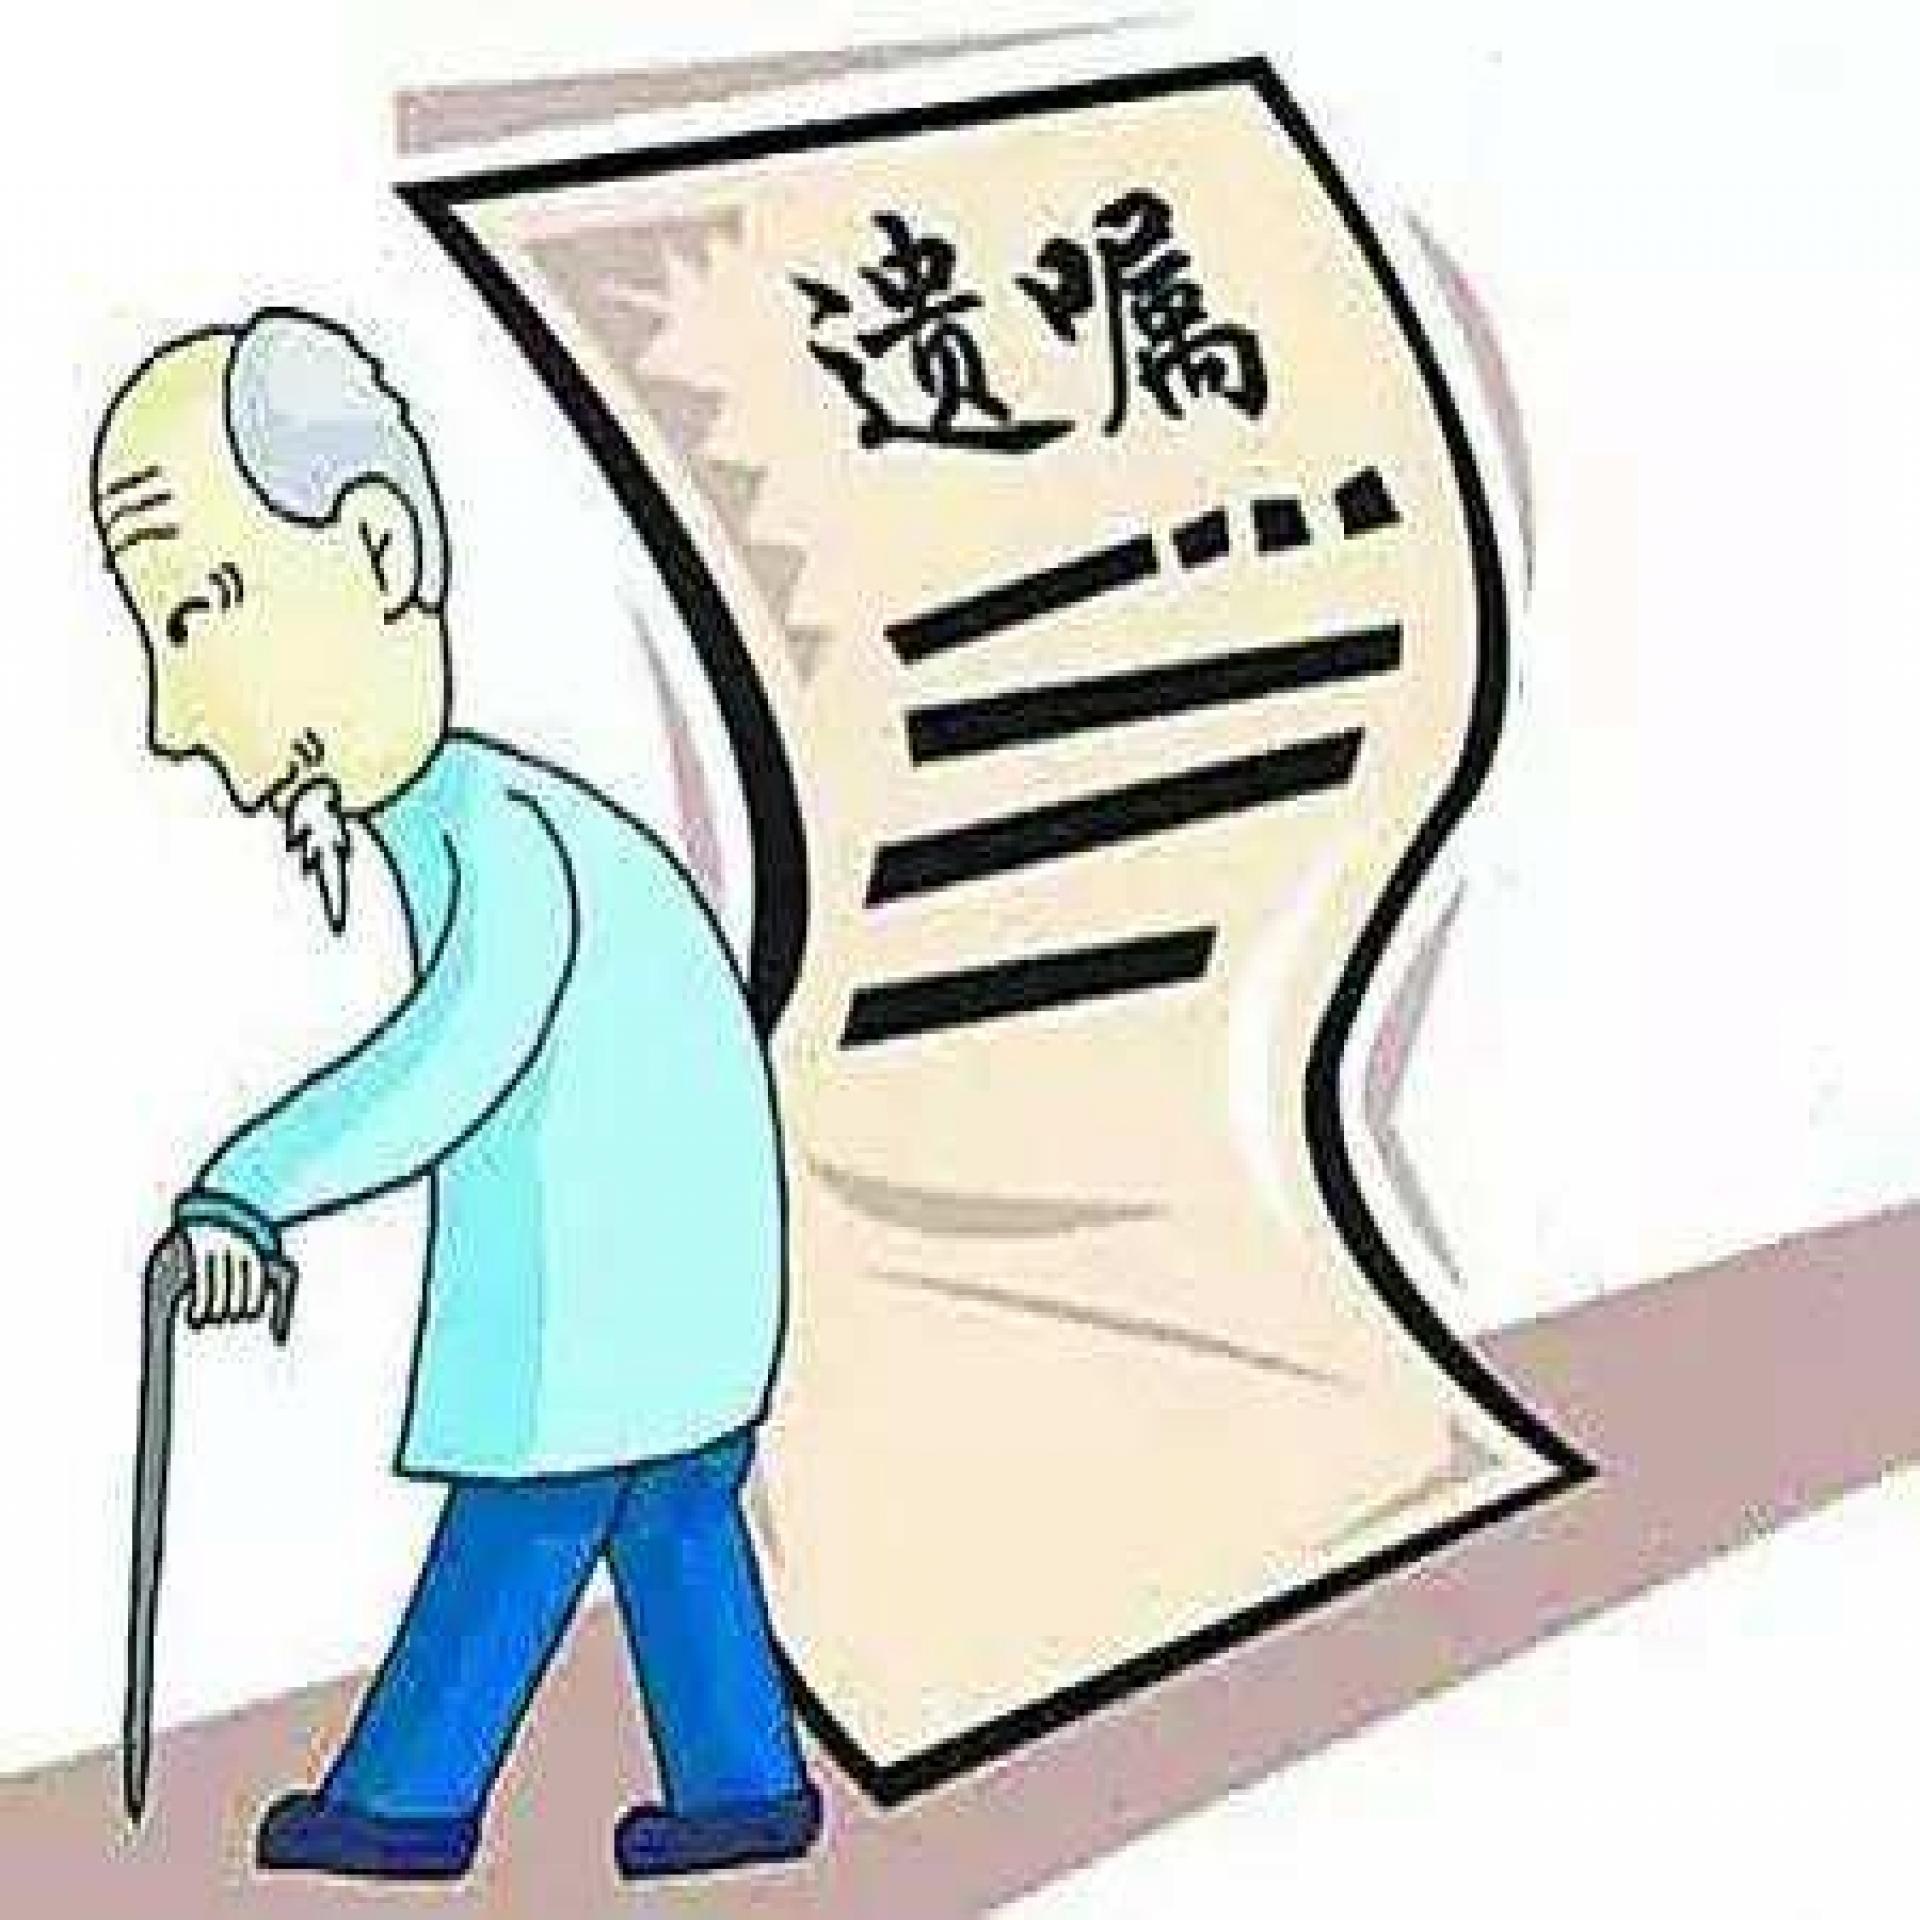 遗嘱财产继承法定的相关规定